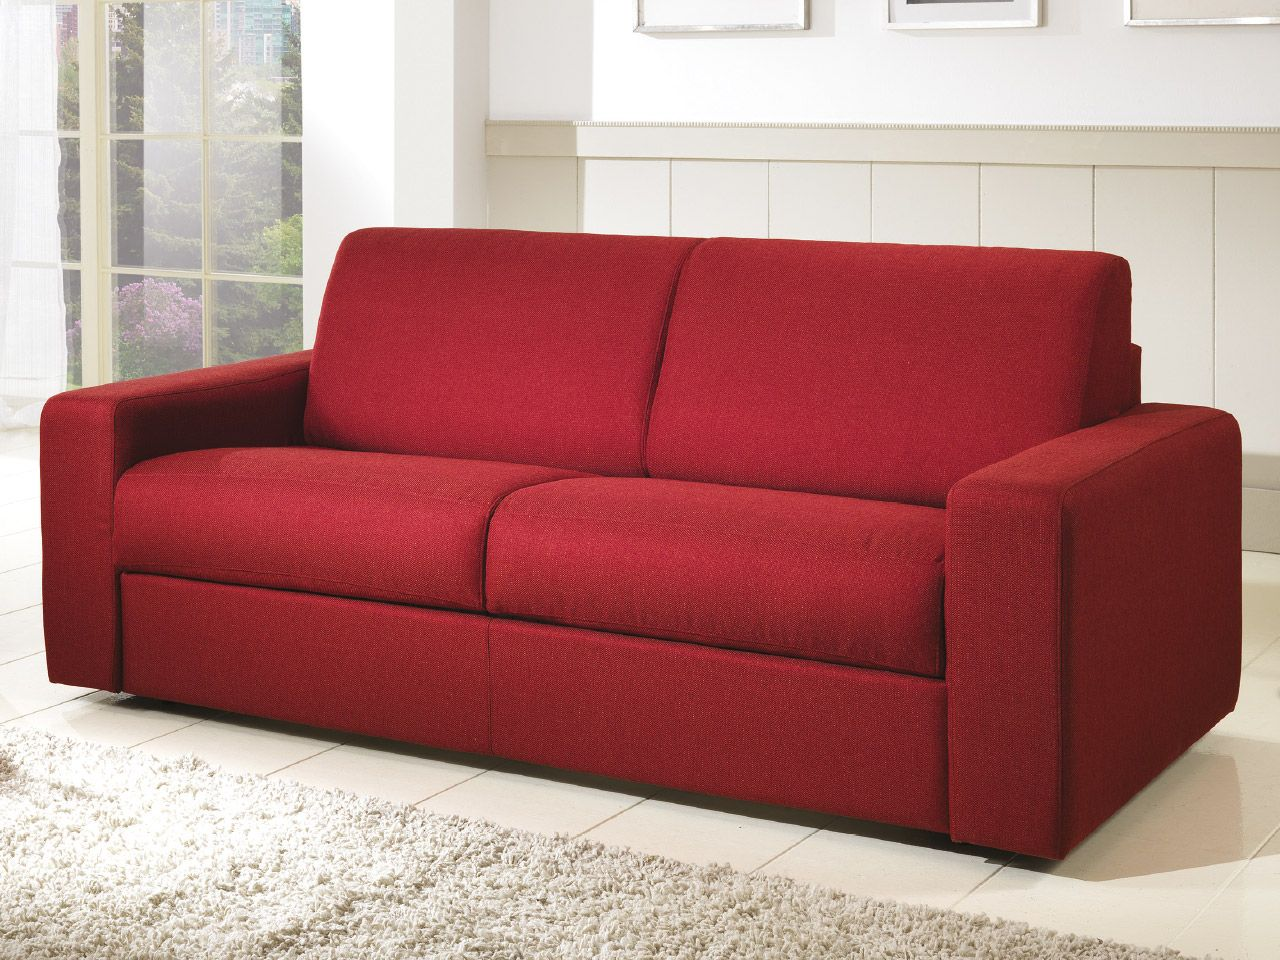 Divano letto prestige mercatone uno u ac sofa sofa couch